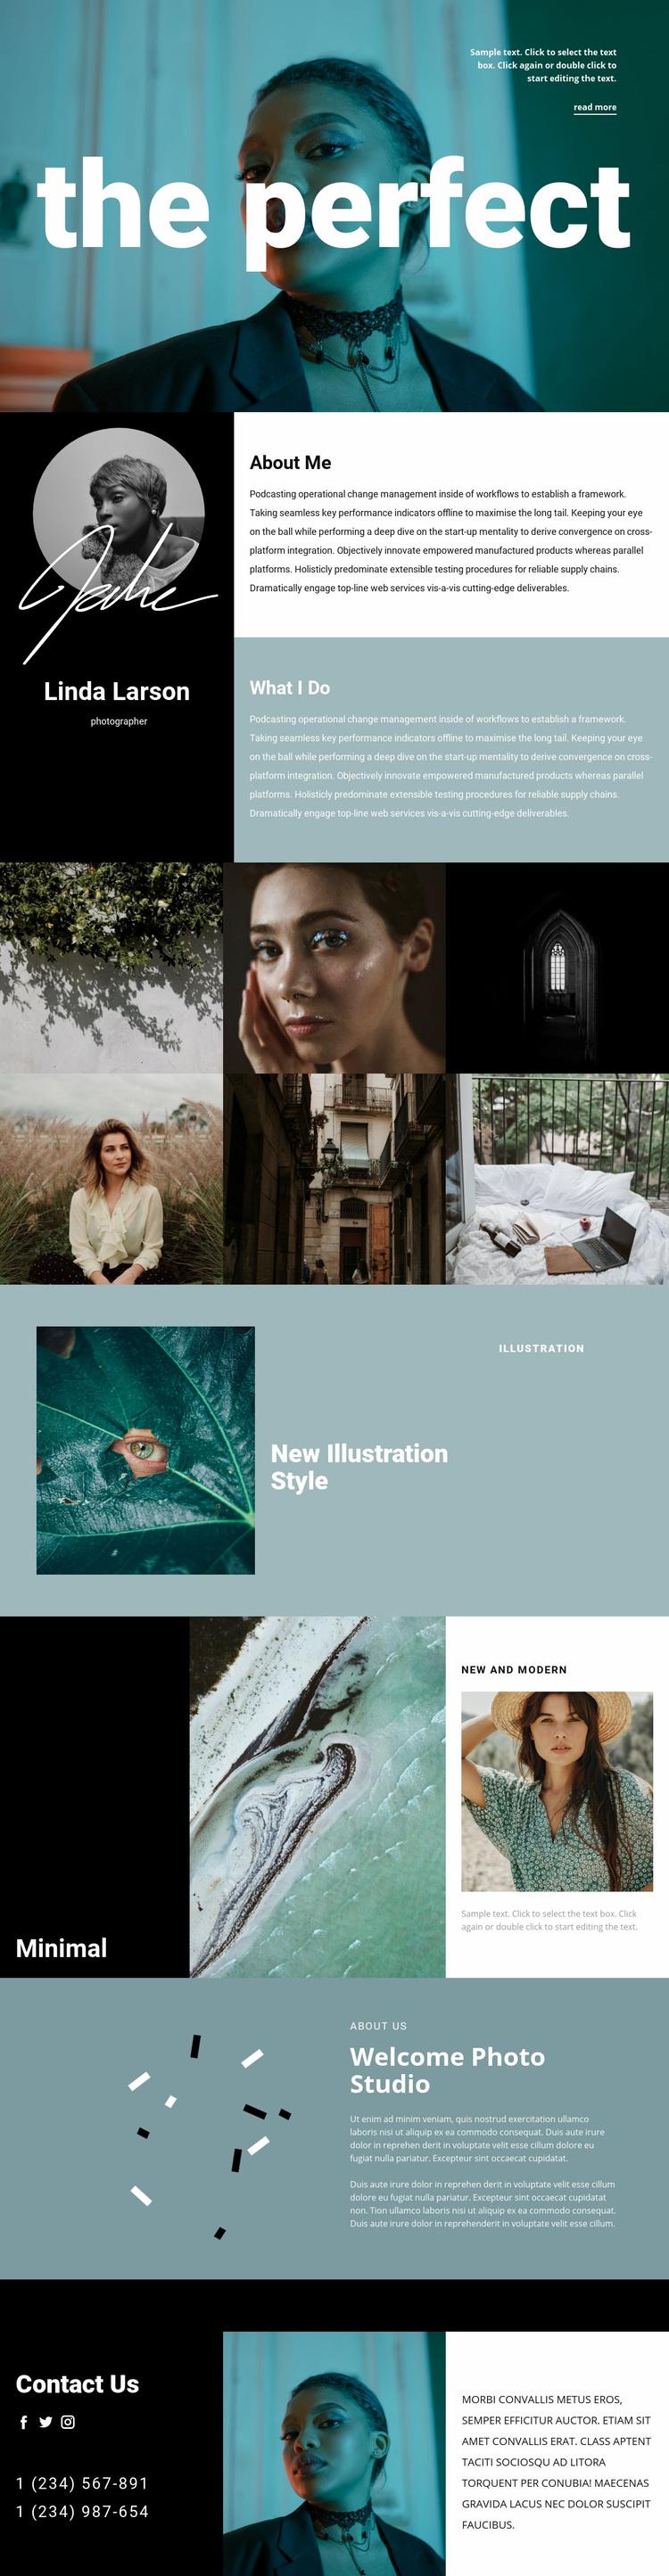 Fashion photographer resume  Web Page Designer